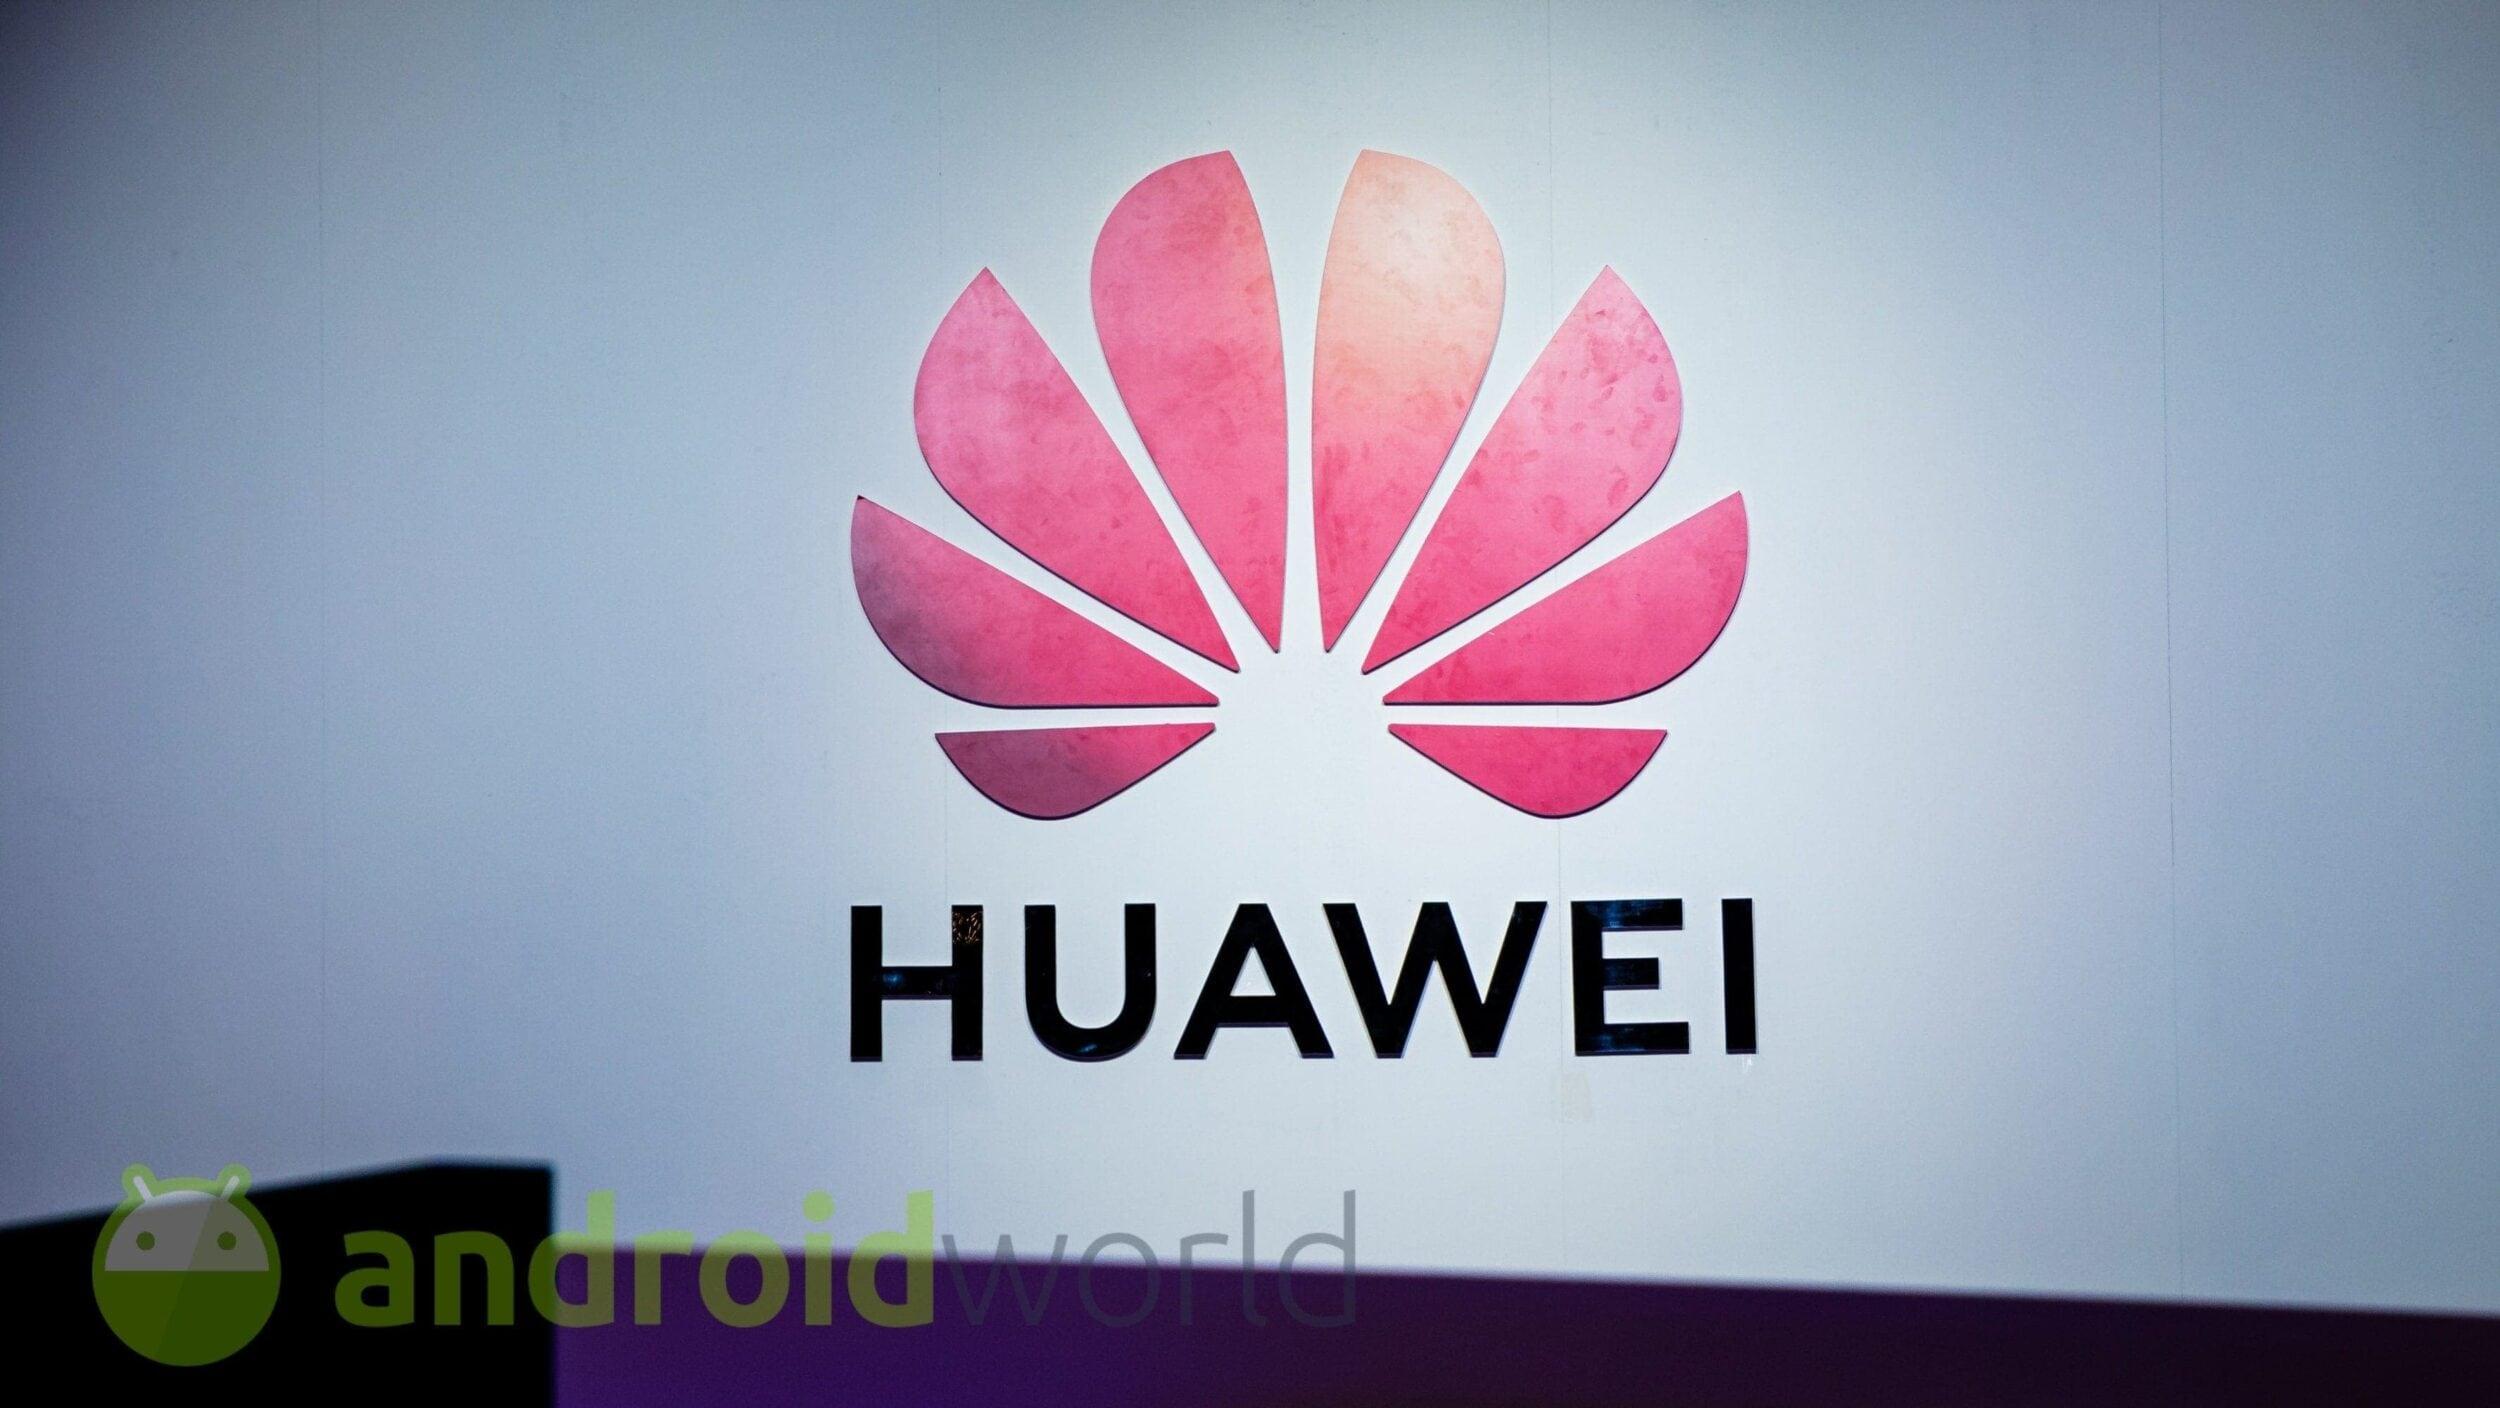 I nuovi Huawei avranno HarmonyOS preinstallato, Android 11 per i nuovi Honor